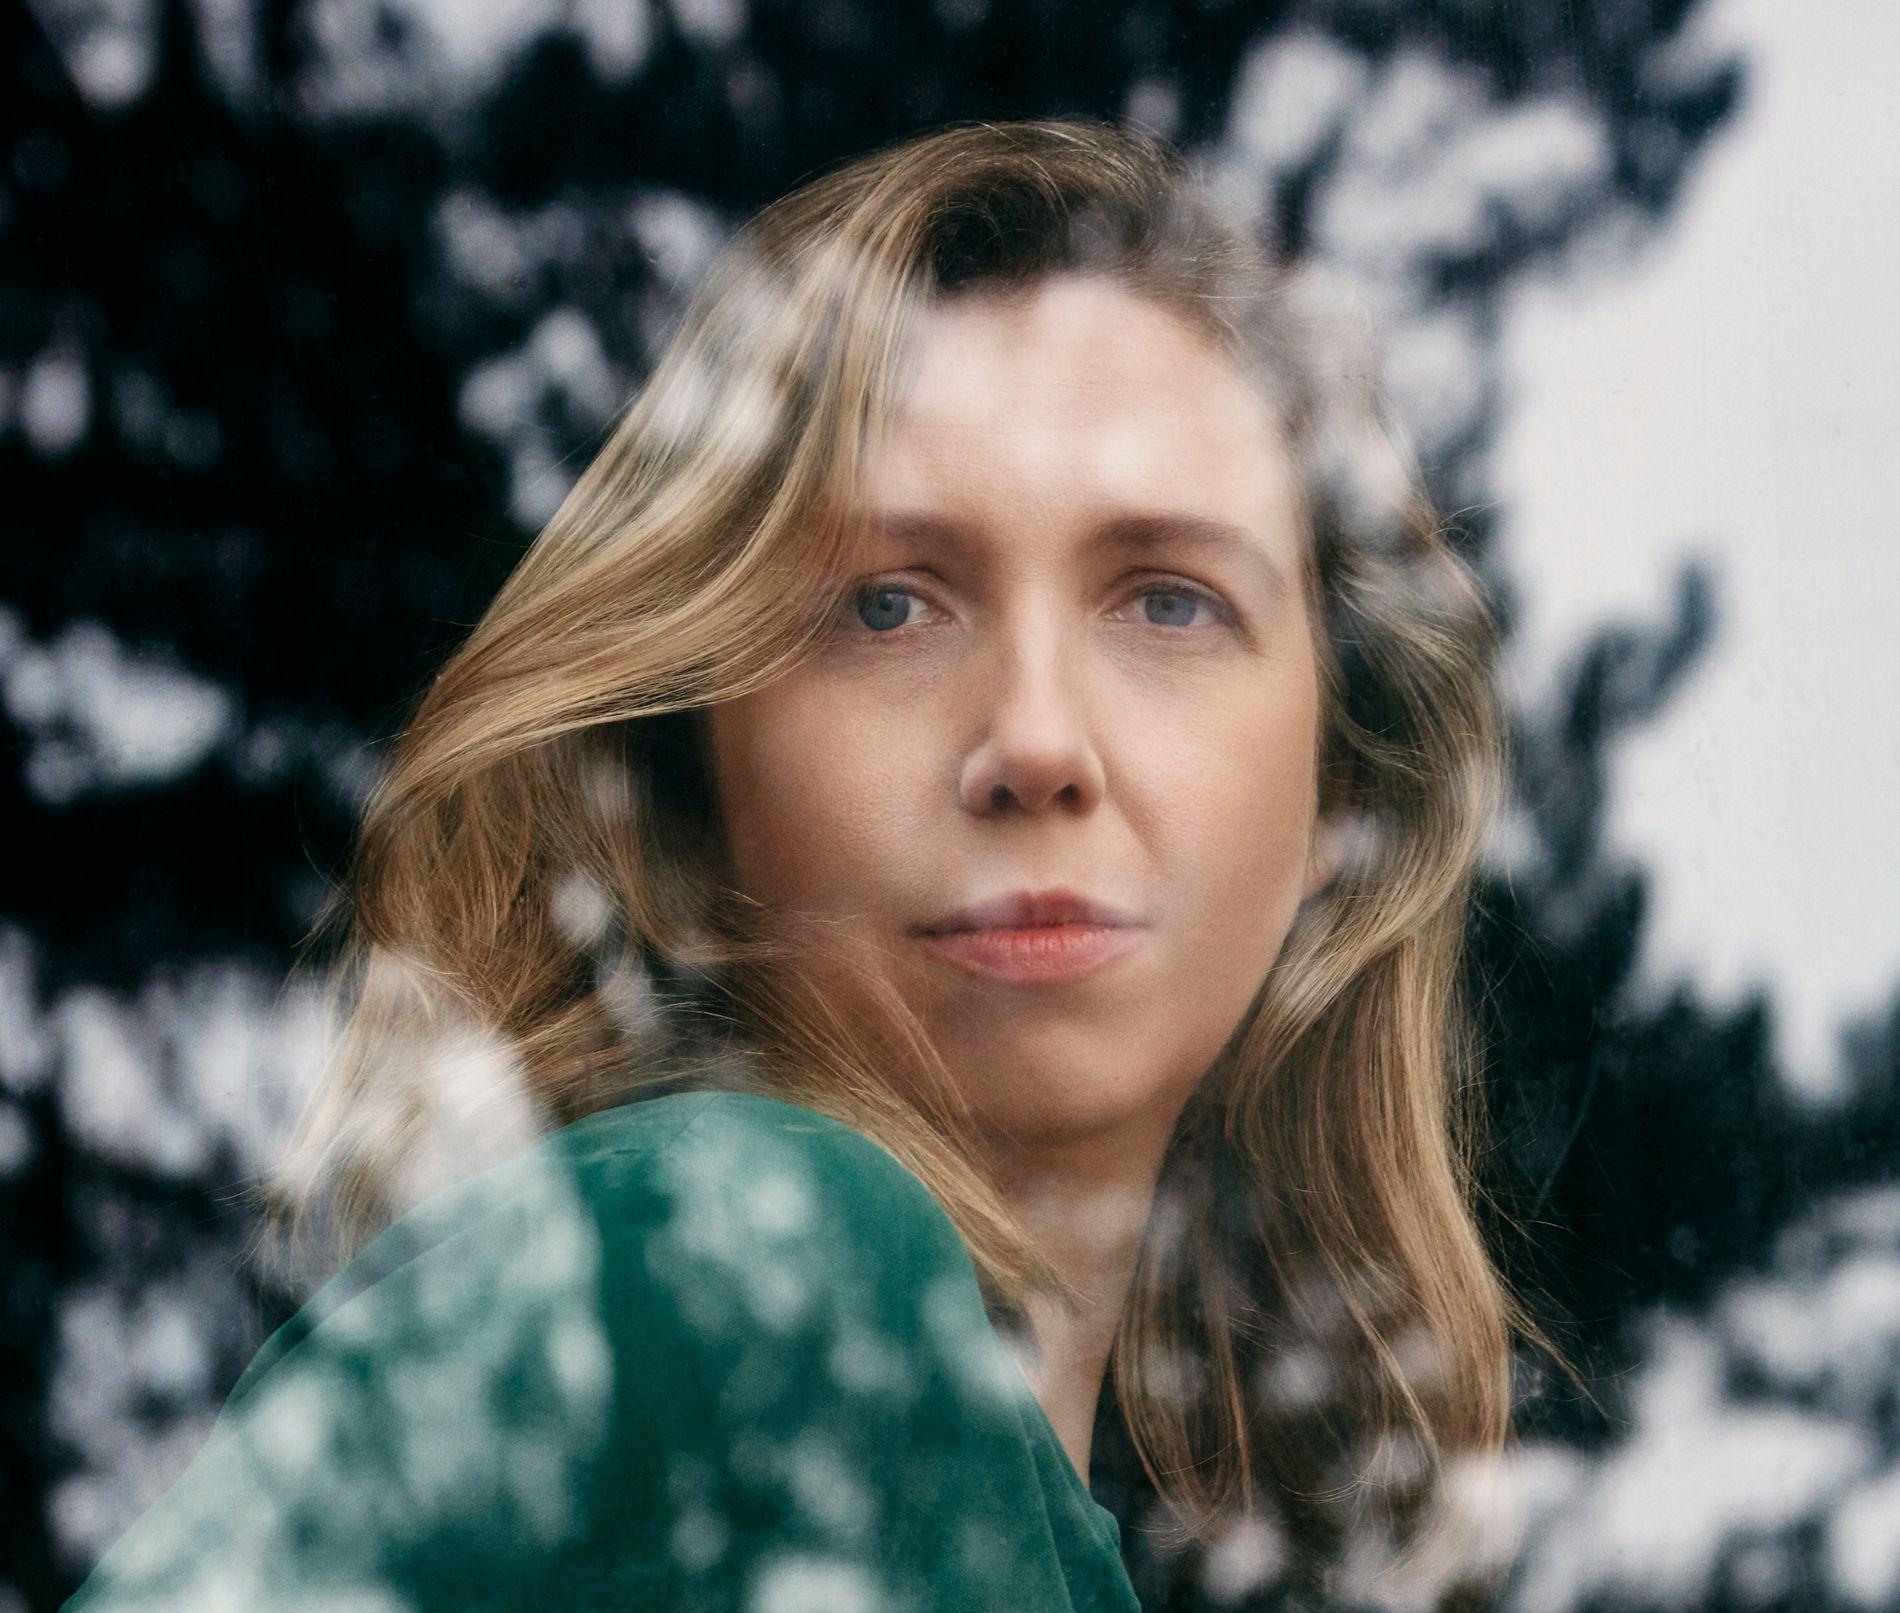 PSYKOLOG MED PSYKOLOGISK THRILLER: Helene Flood (36) år er psykolog og forsker. Nå har hennes psykologiske thriller blitt en av de største snakkisene på bokmessen i London - lenge før boken er utgitt i Norge.